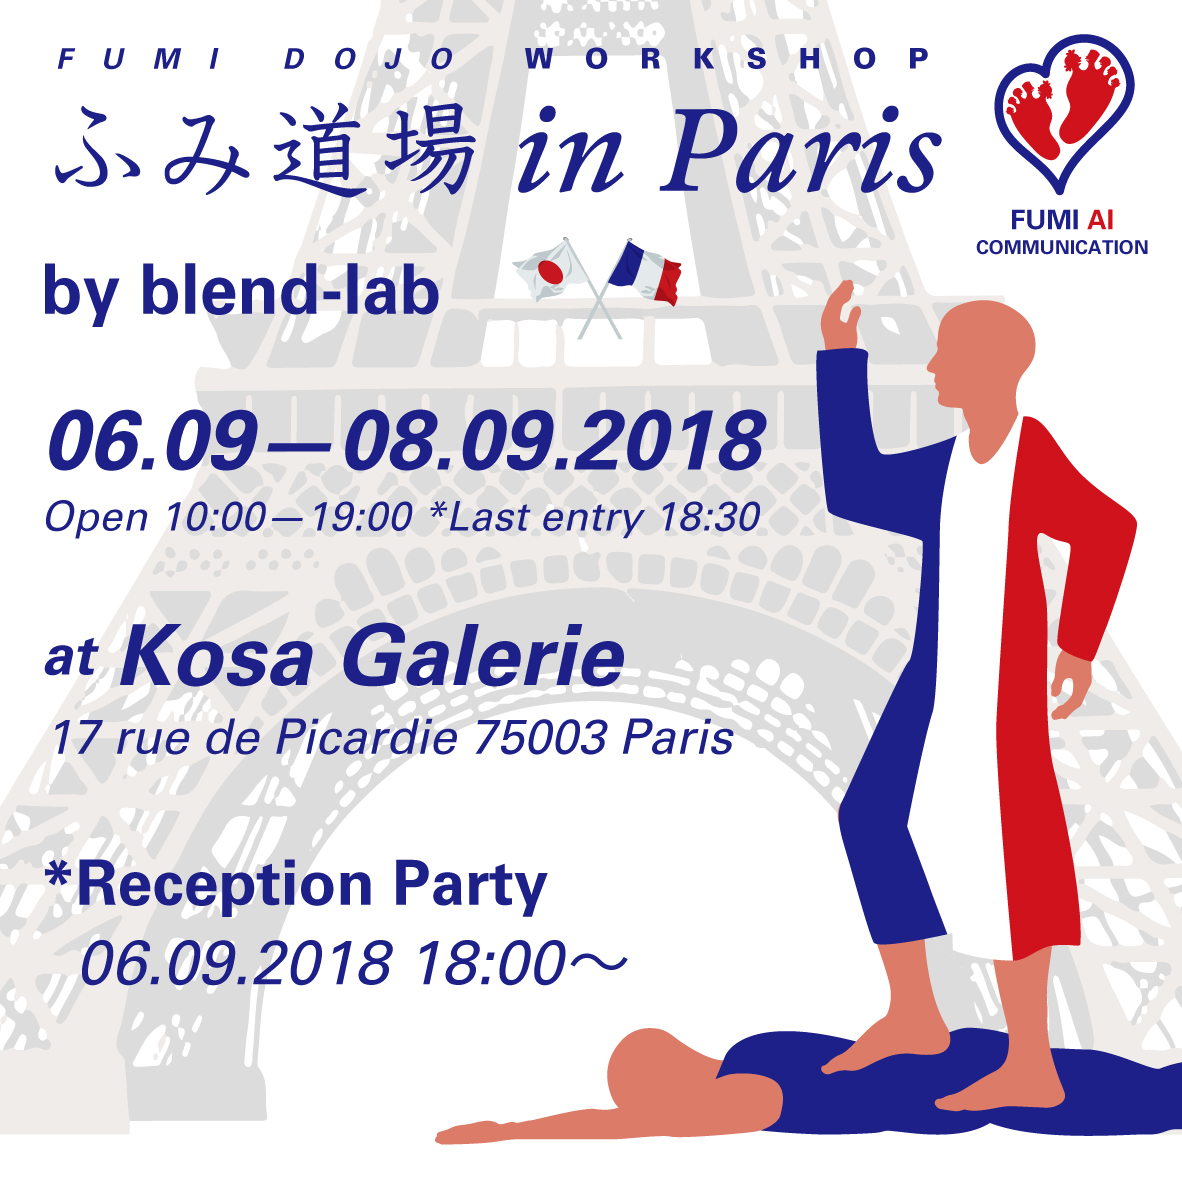 ふみ道場 in Paris